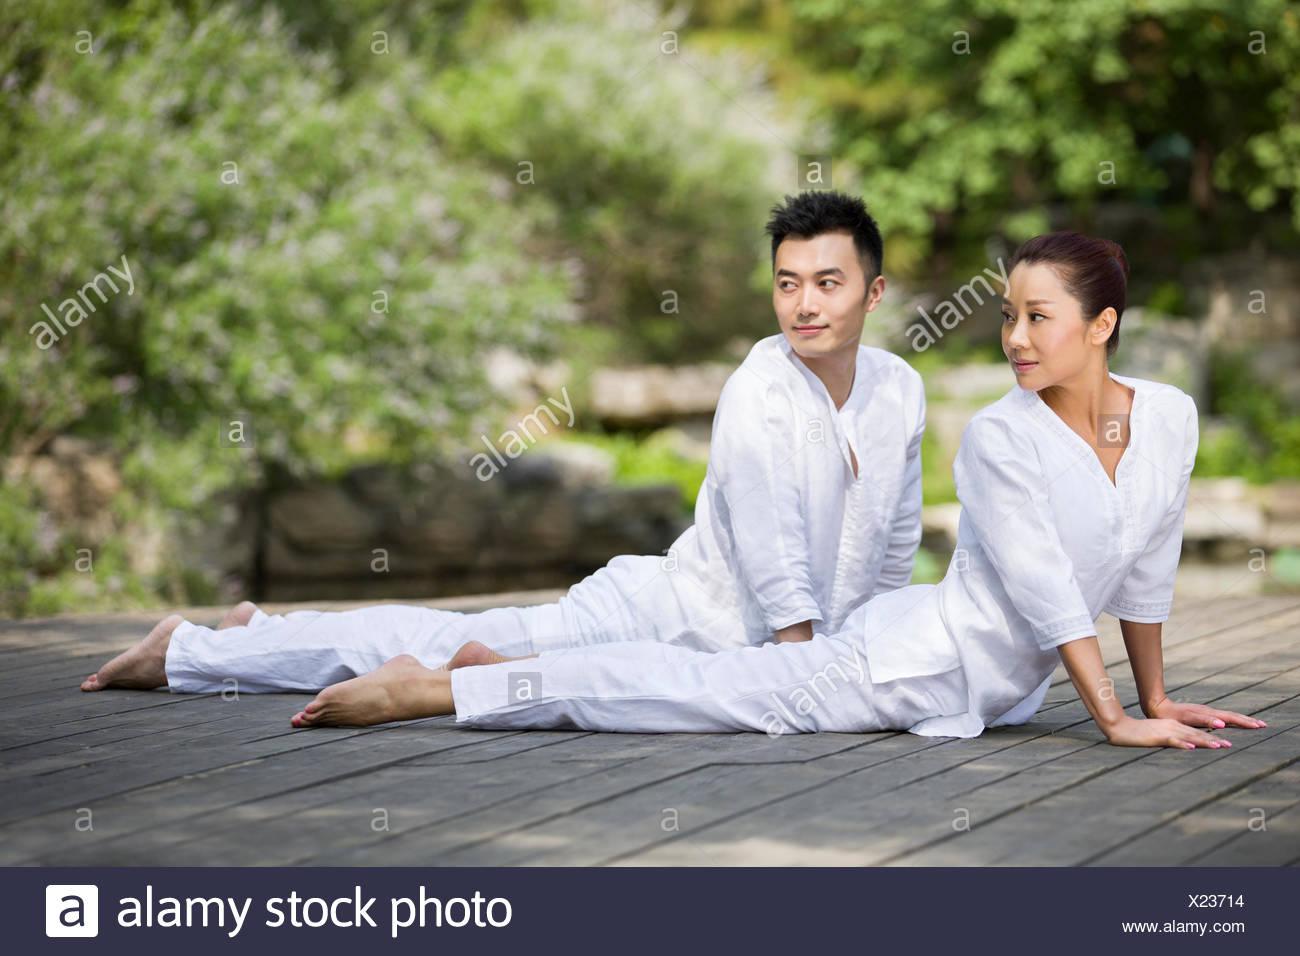 Junger Erwachsener, Yoga zu praktizieren Stockbild